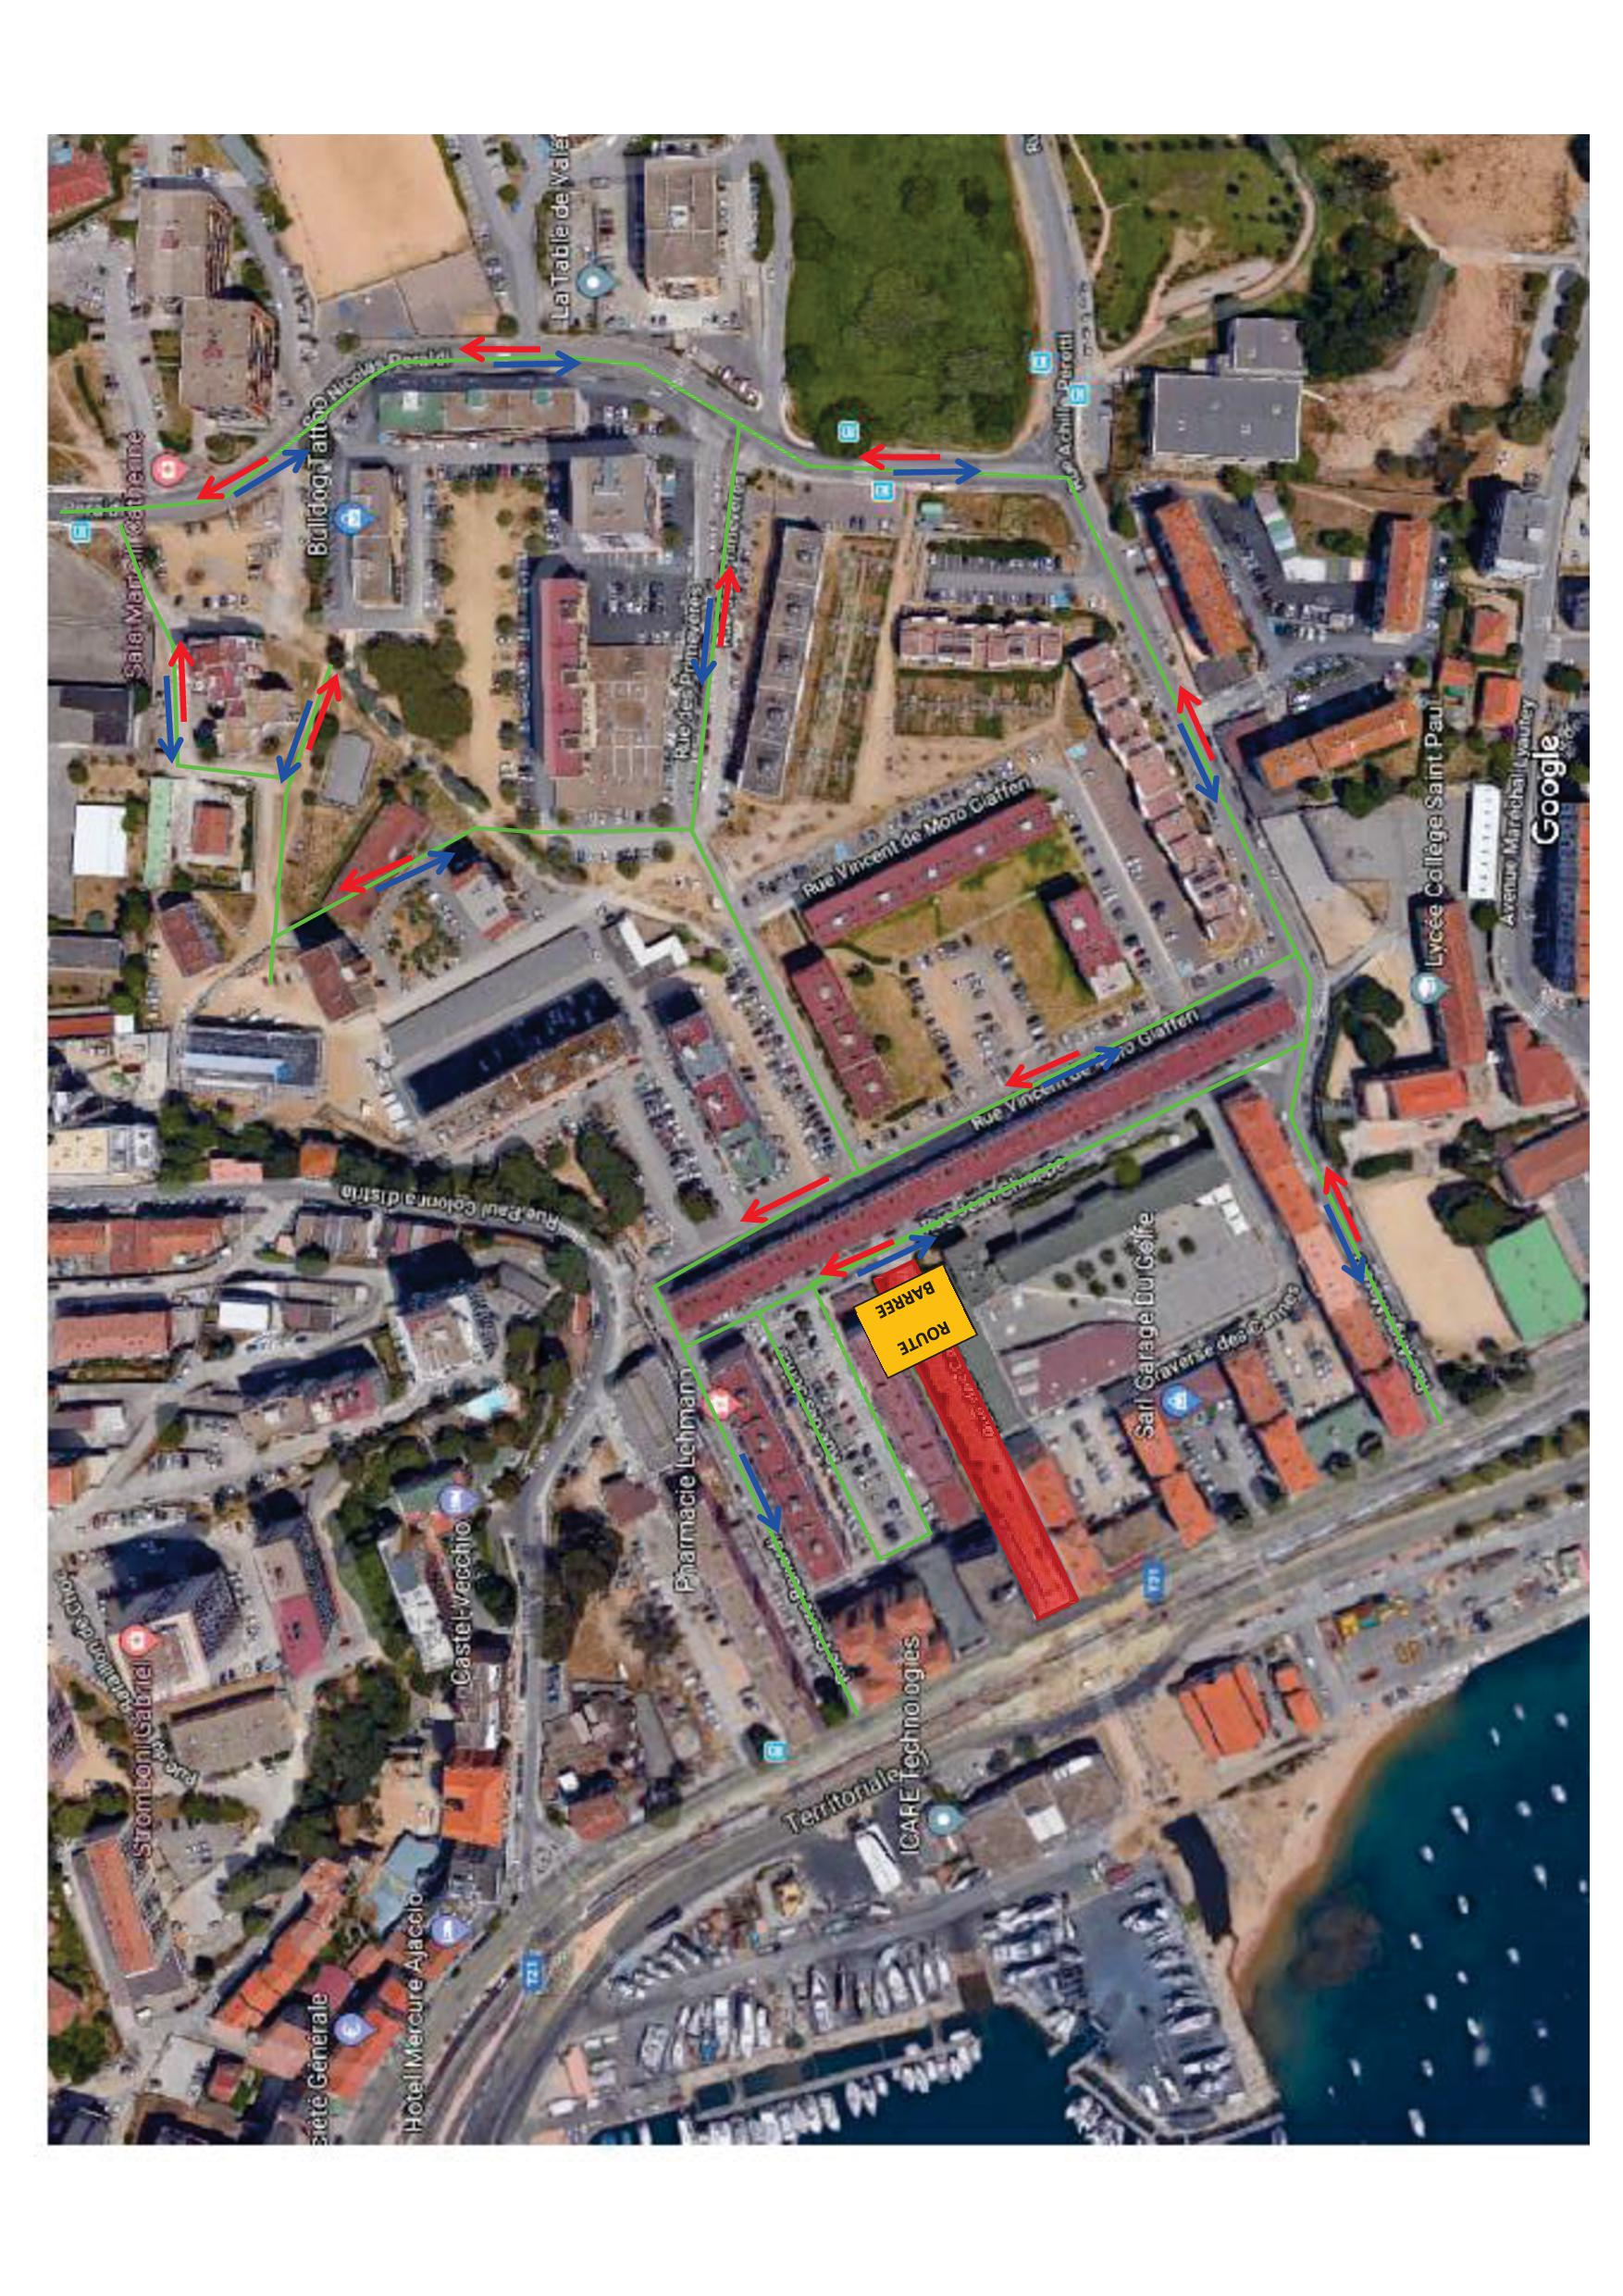 """Plan de Circulation temporaire aux Cannes - Mardi 03/03/2020 - """"Travaux de requalification Cannes-Salines"""""""